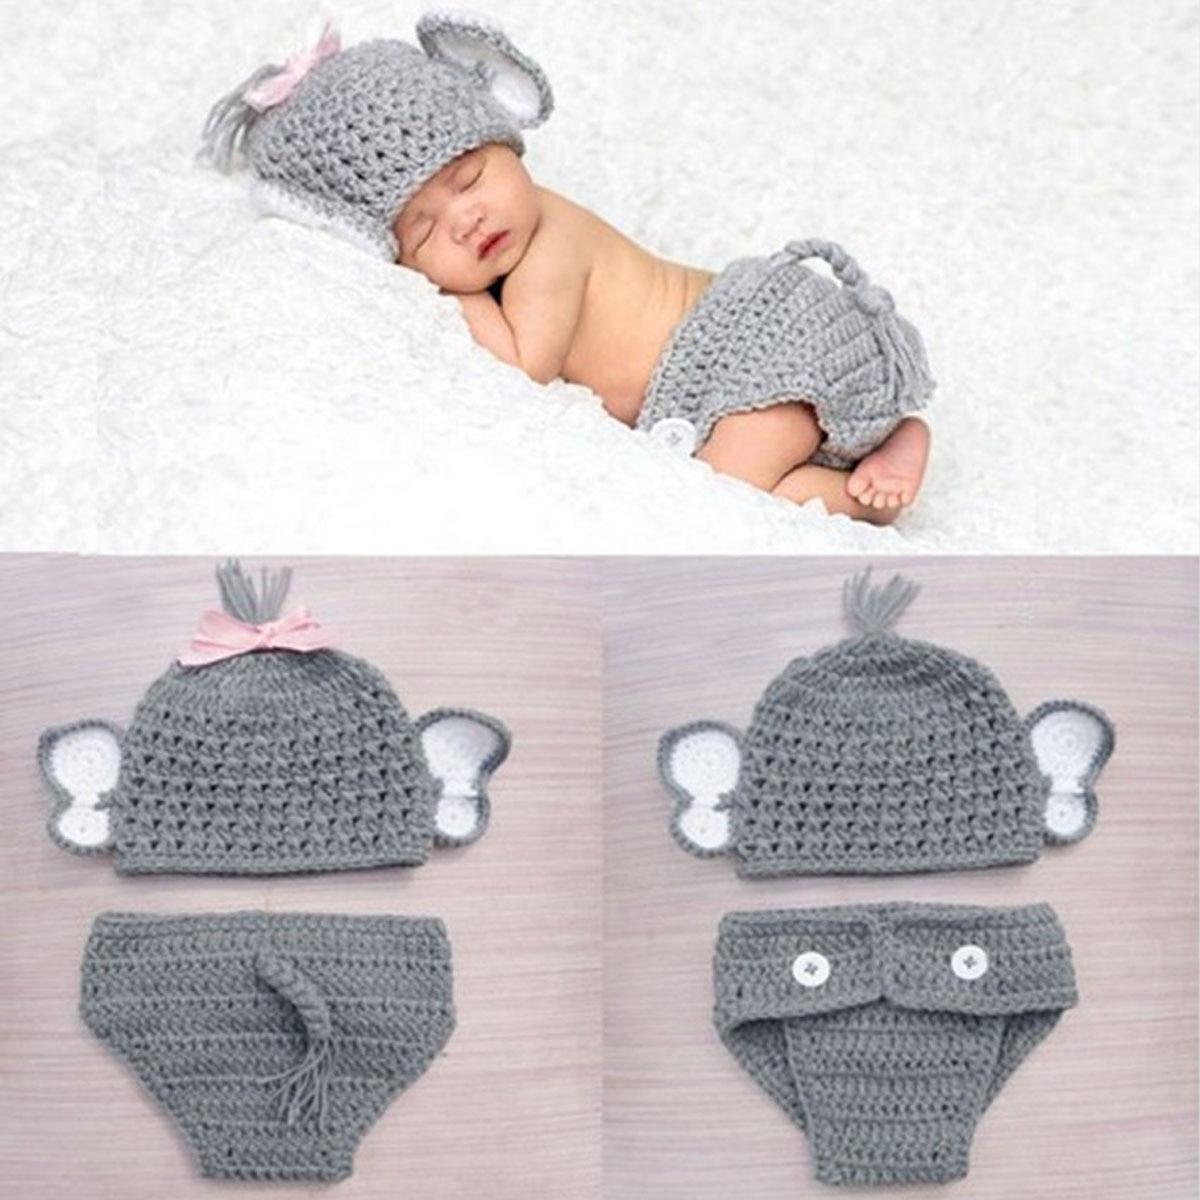 Enfant Bébé Fille Nouveau-né Costume Vêtement Pour Photographie Décoration